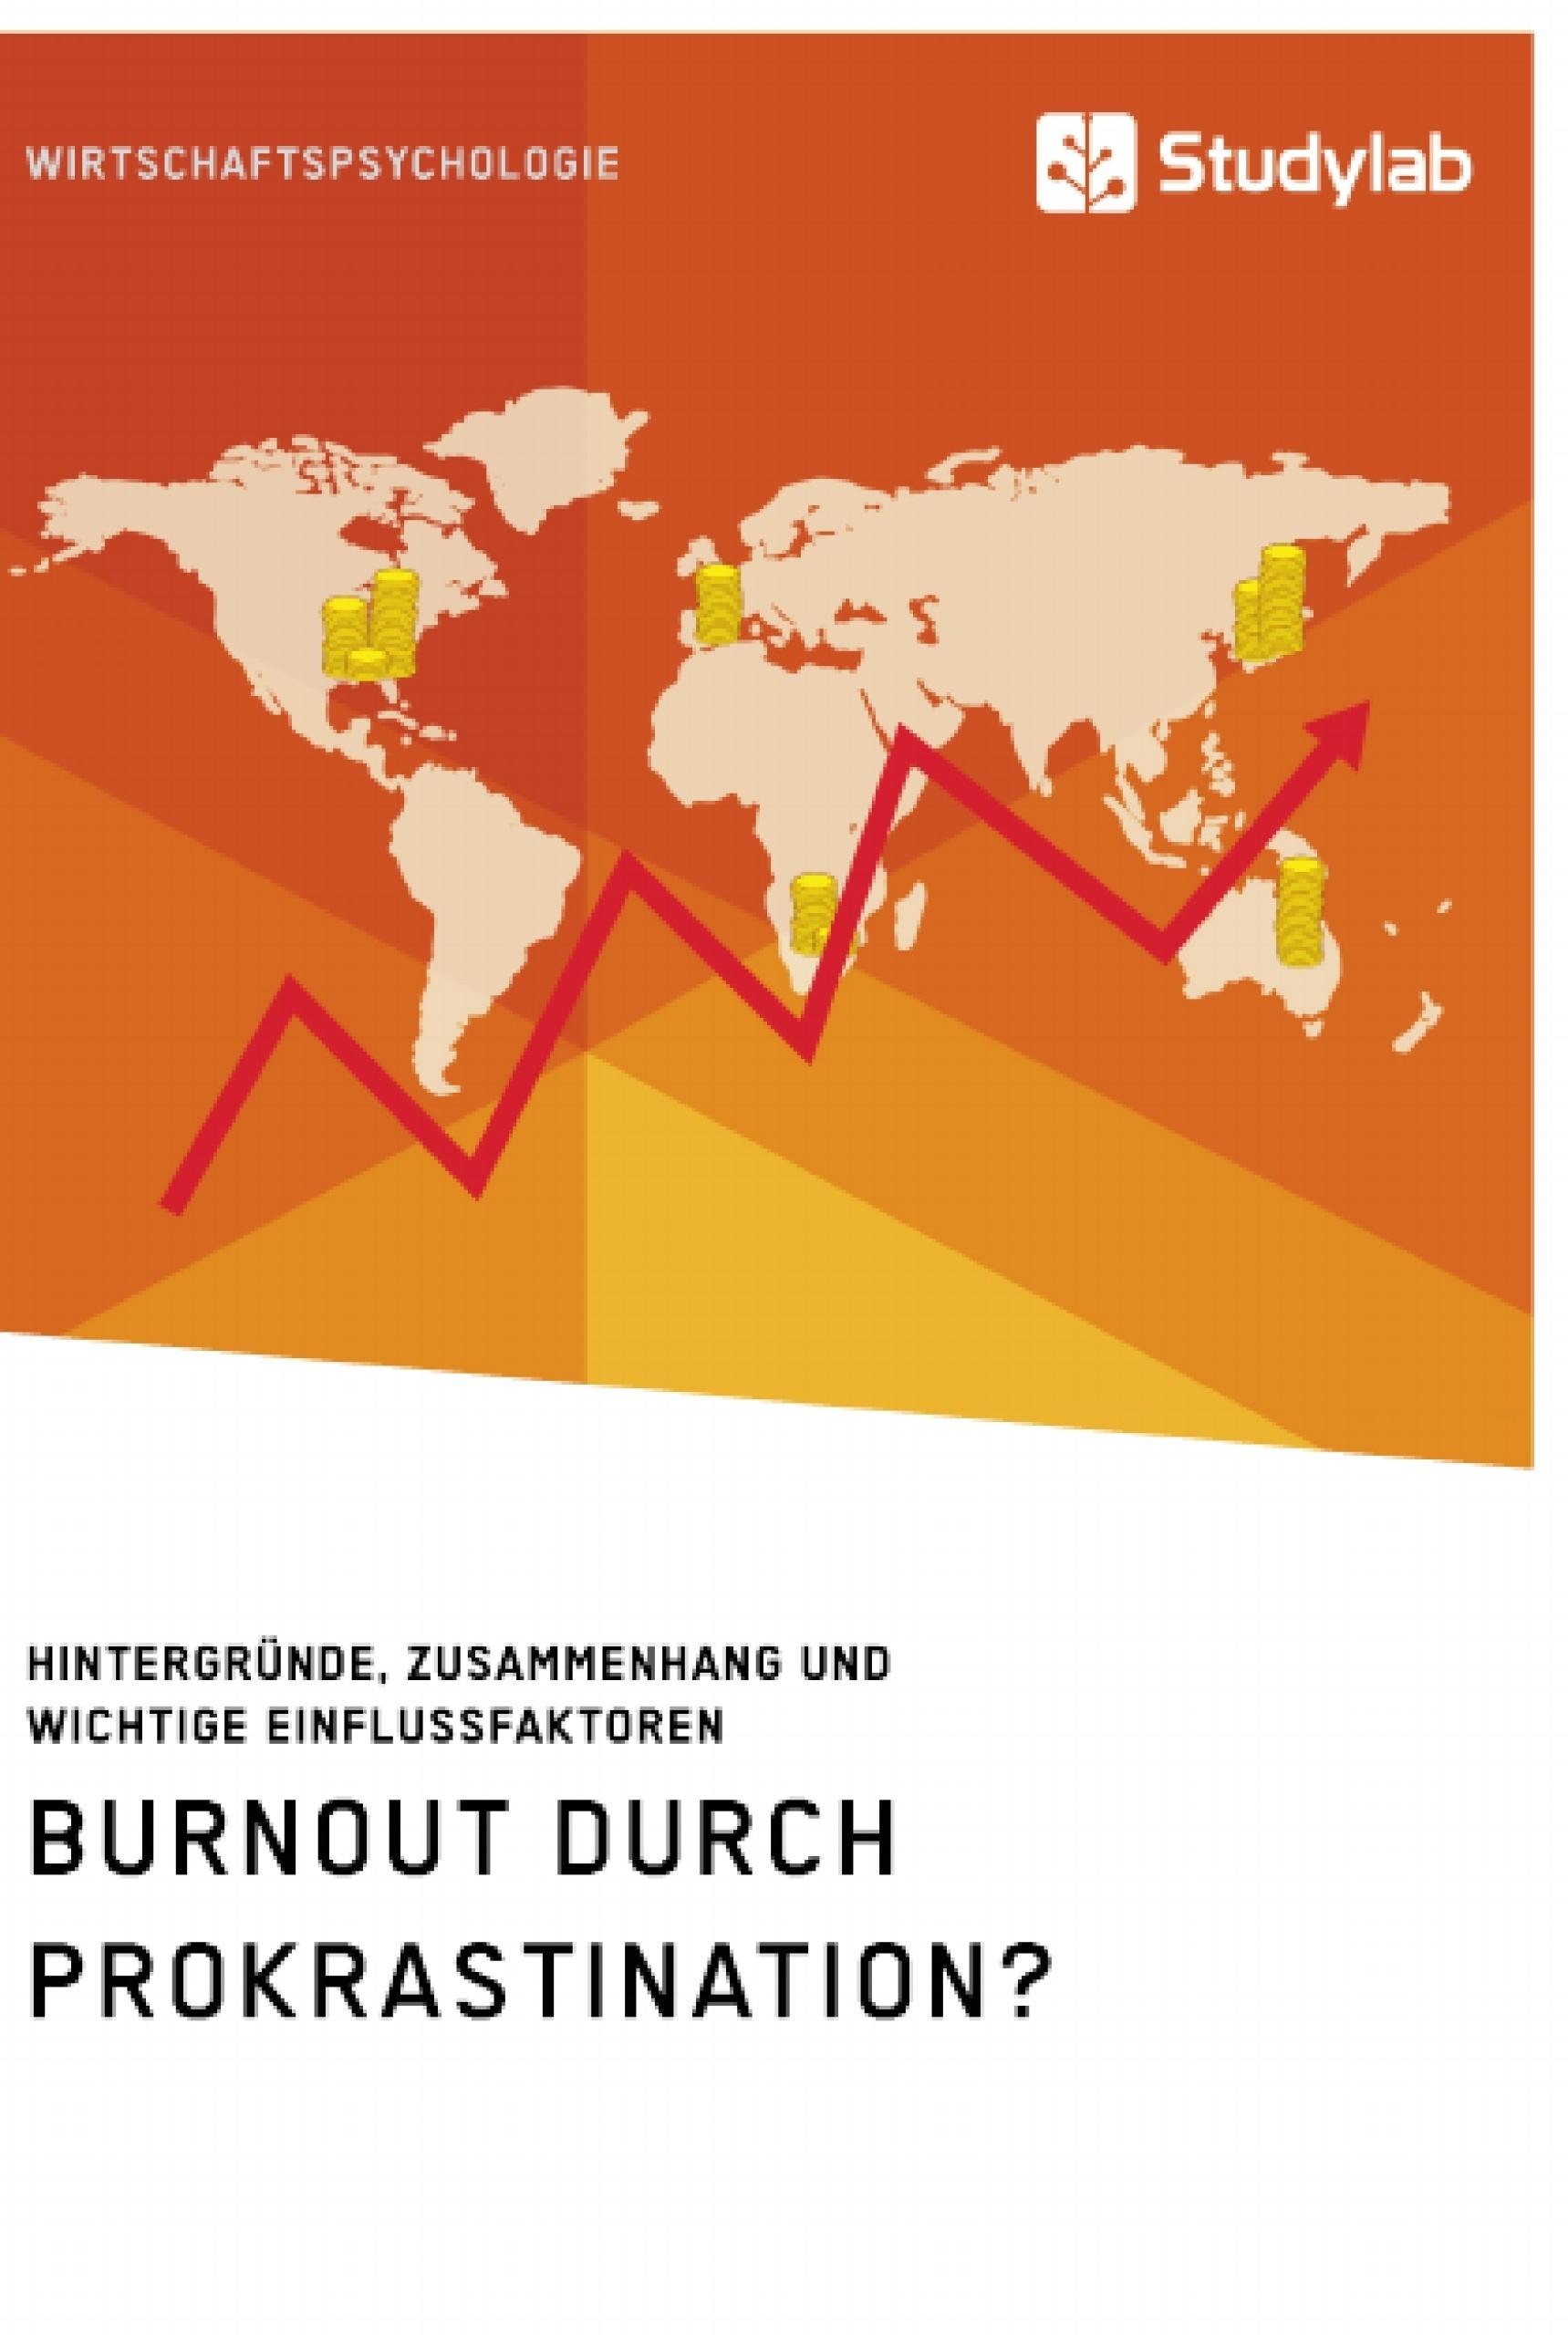 Titel: Burnout durch Prokrastination? Hintergründe, Zusammenhang und wichtige Einflussfaktoren